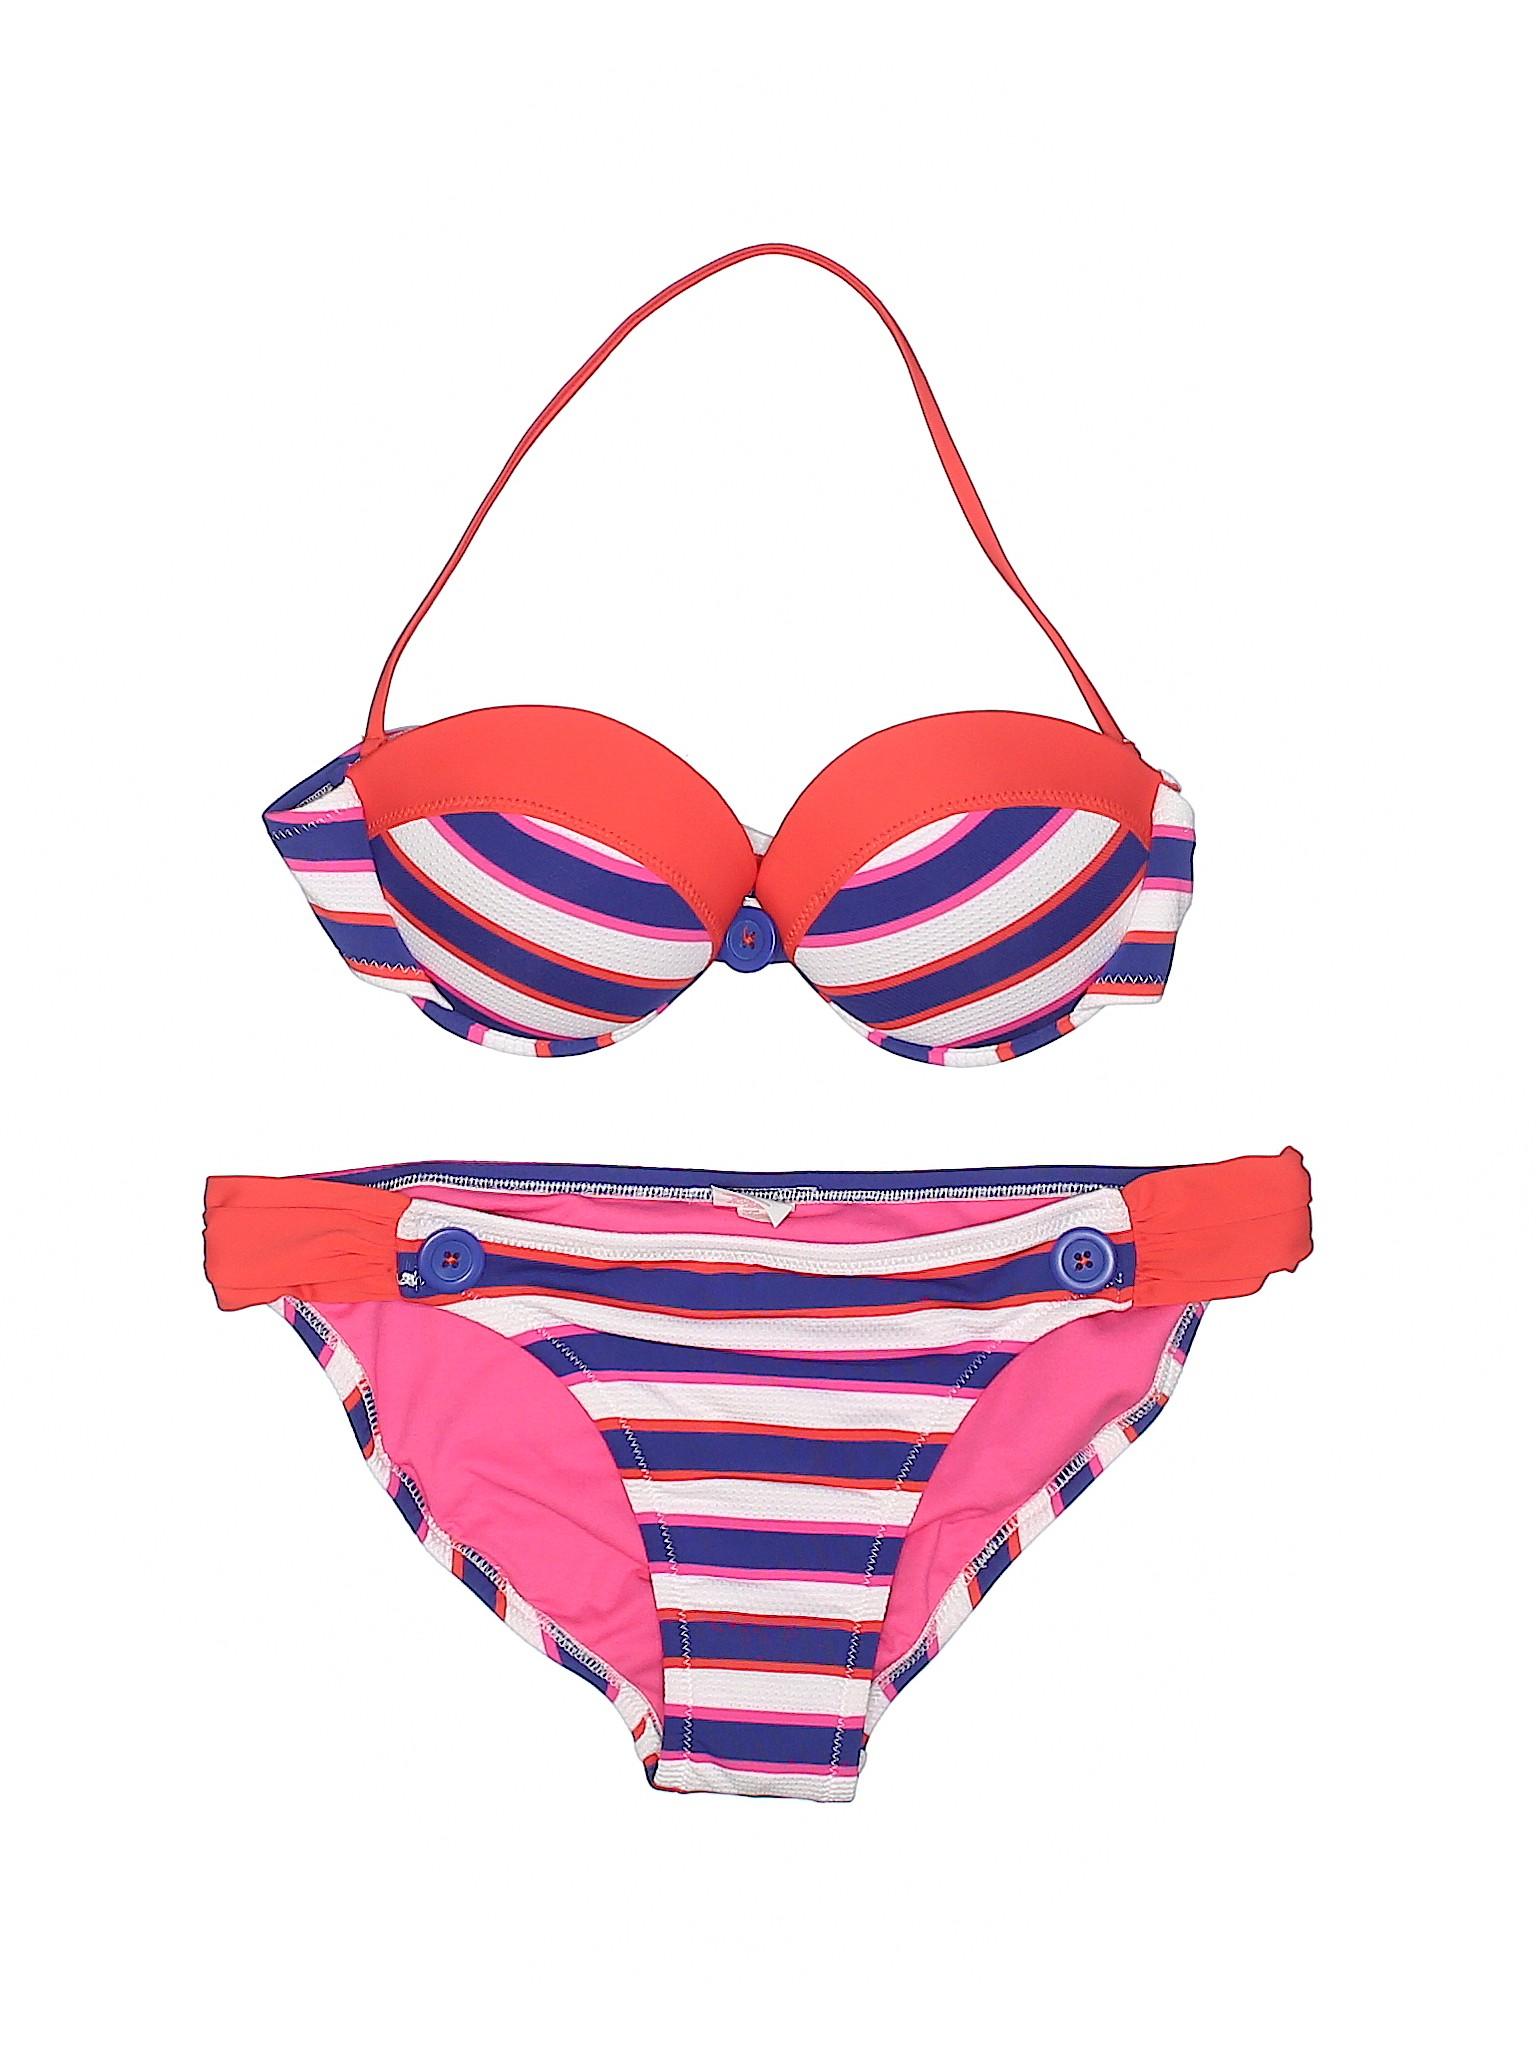 Swimsuit Piece Two Boutique Two Piece Boutique Xhilaration Swimsuit Xhilaration 8EwxRAxq